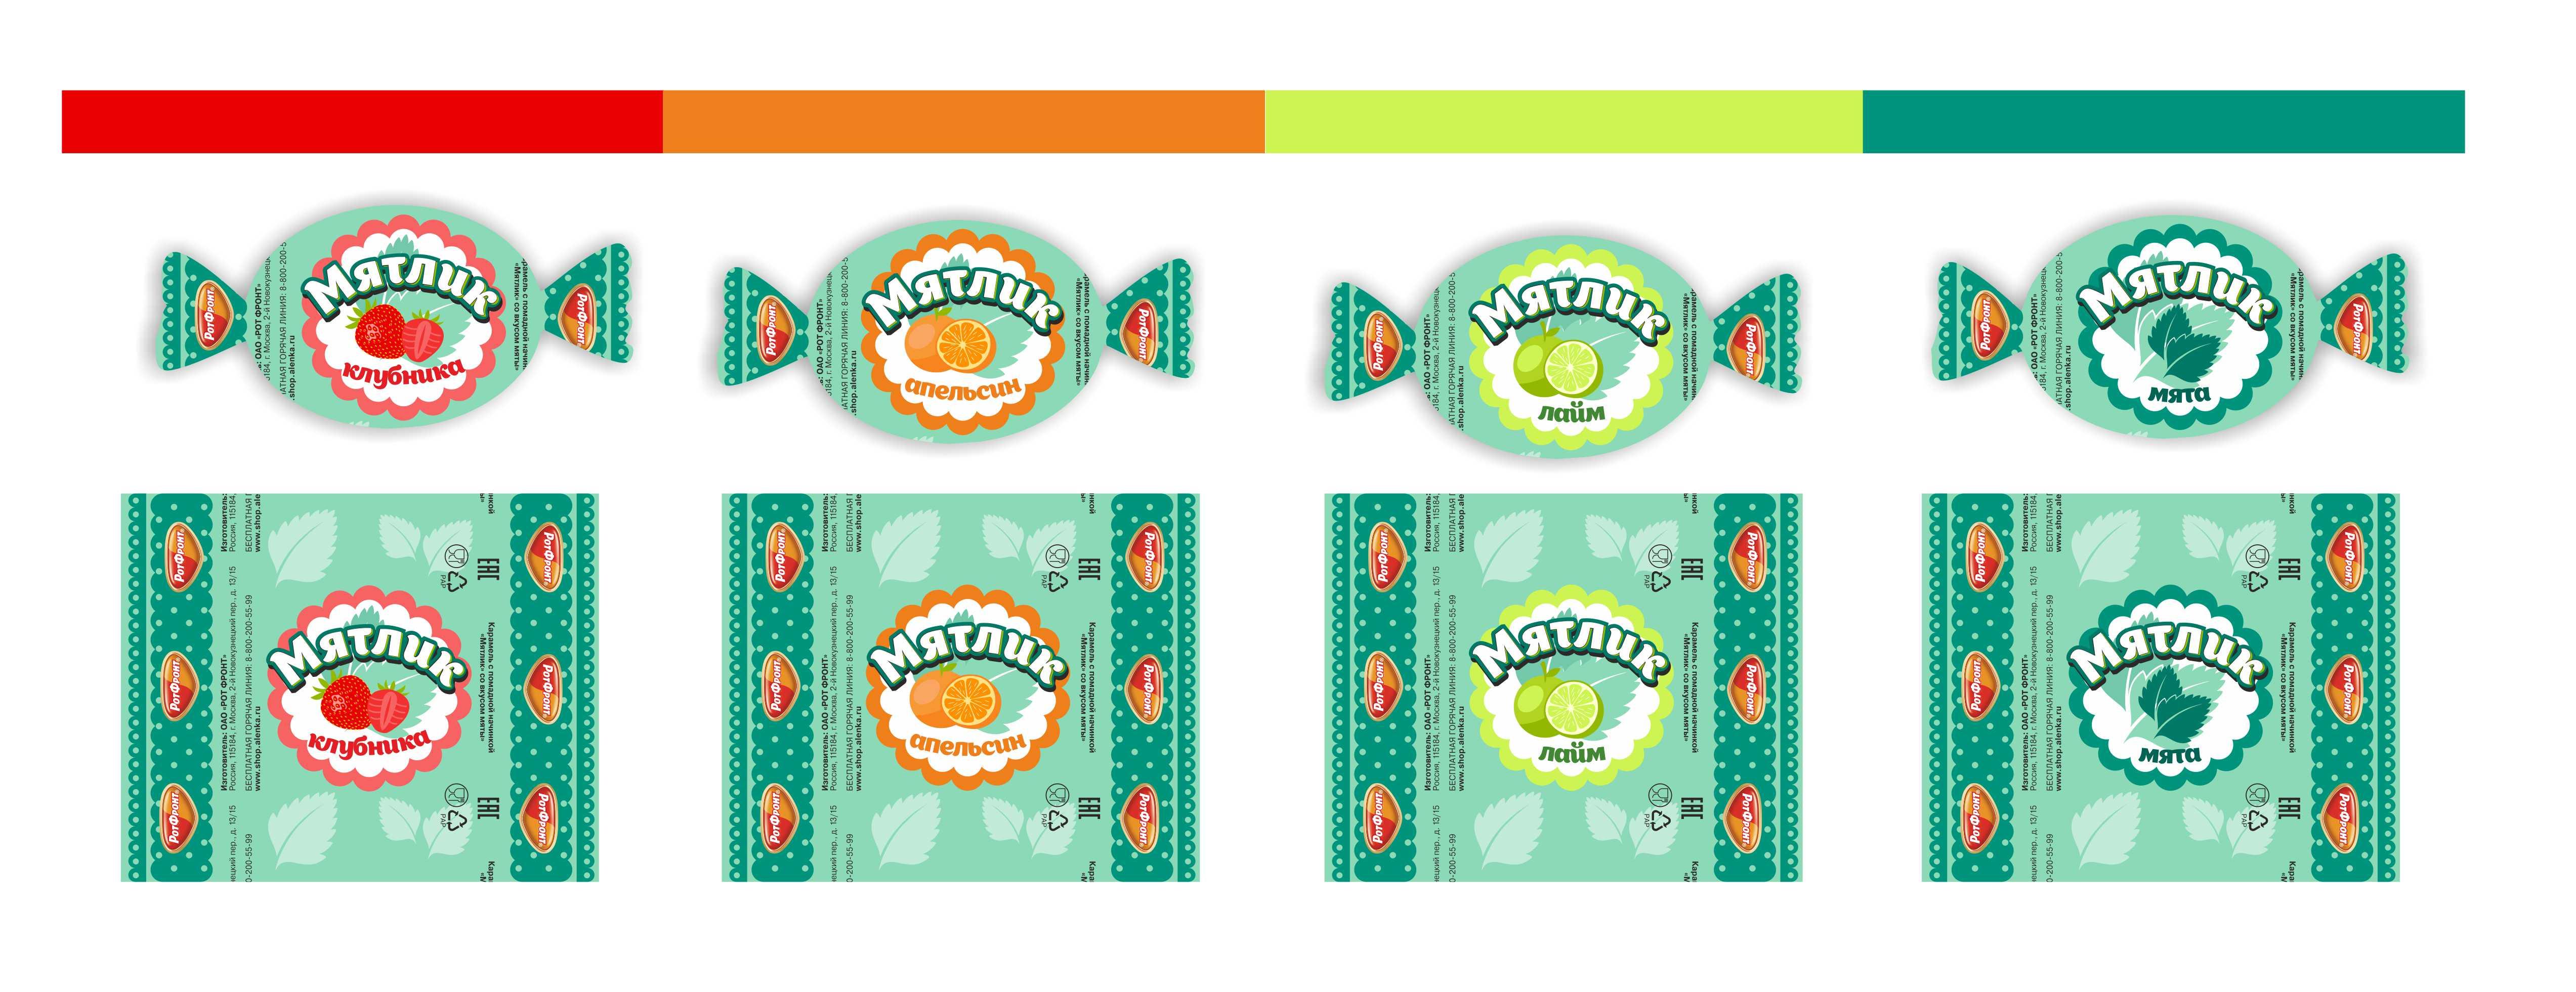 Разработка дизайна упаковки для мятной карамели от Рот Фронт фото f_05359f21c6d8dc63.jpg